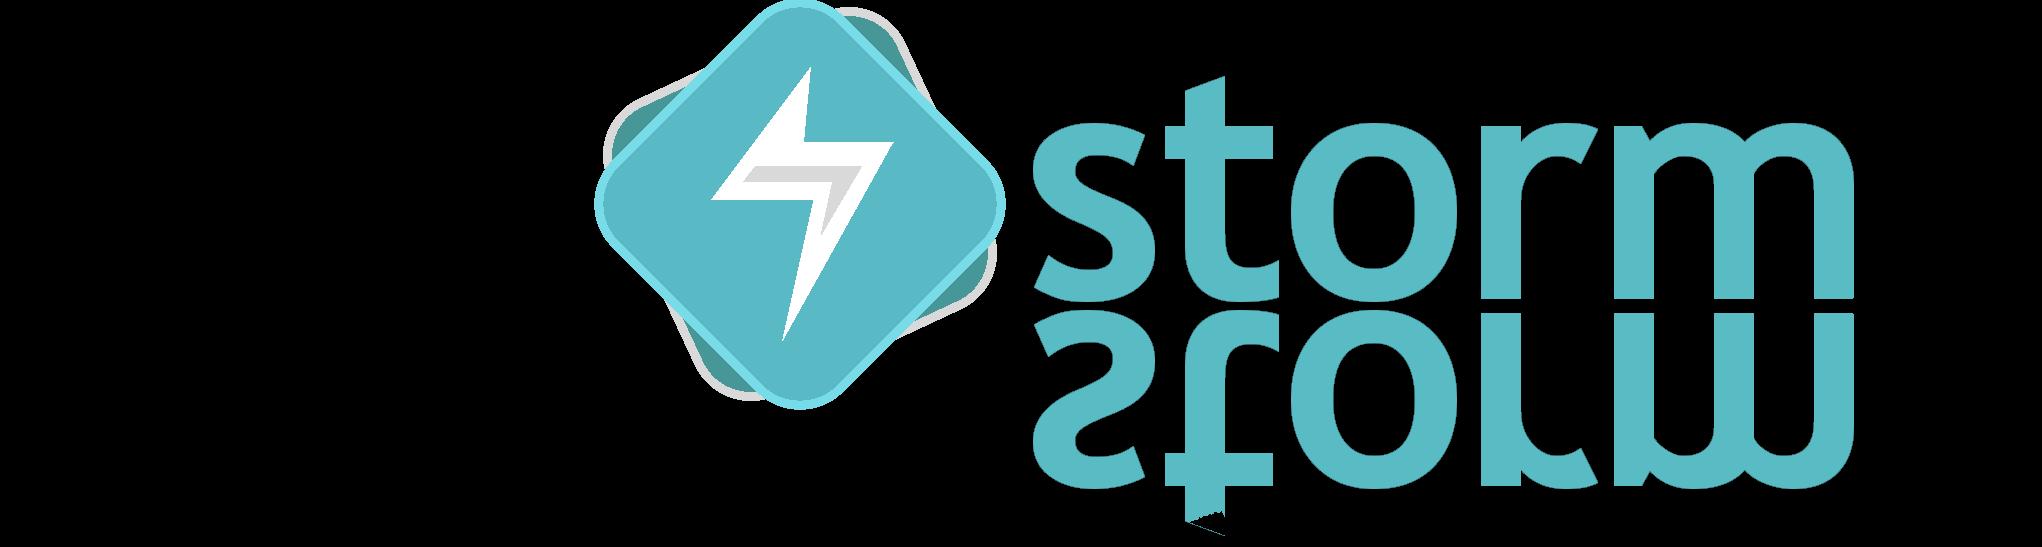 UnixStorm.org - Najlepszy hosting dla stron WWW